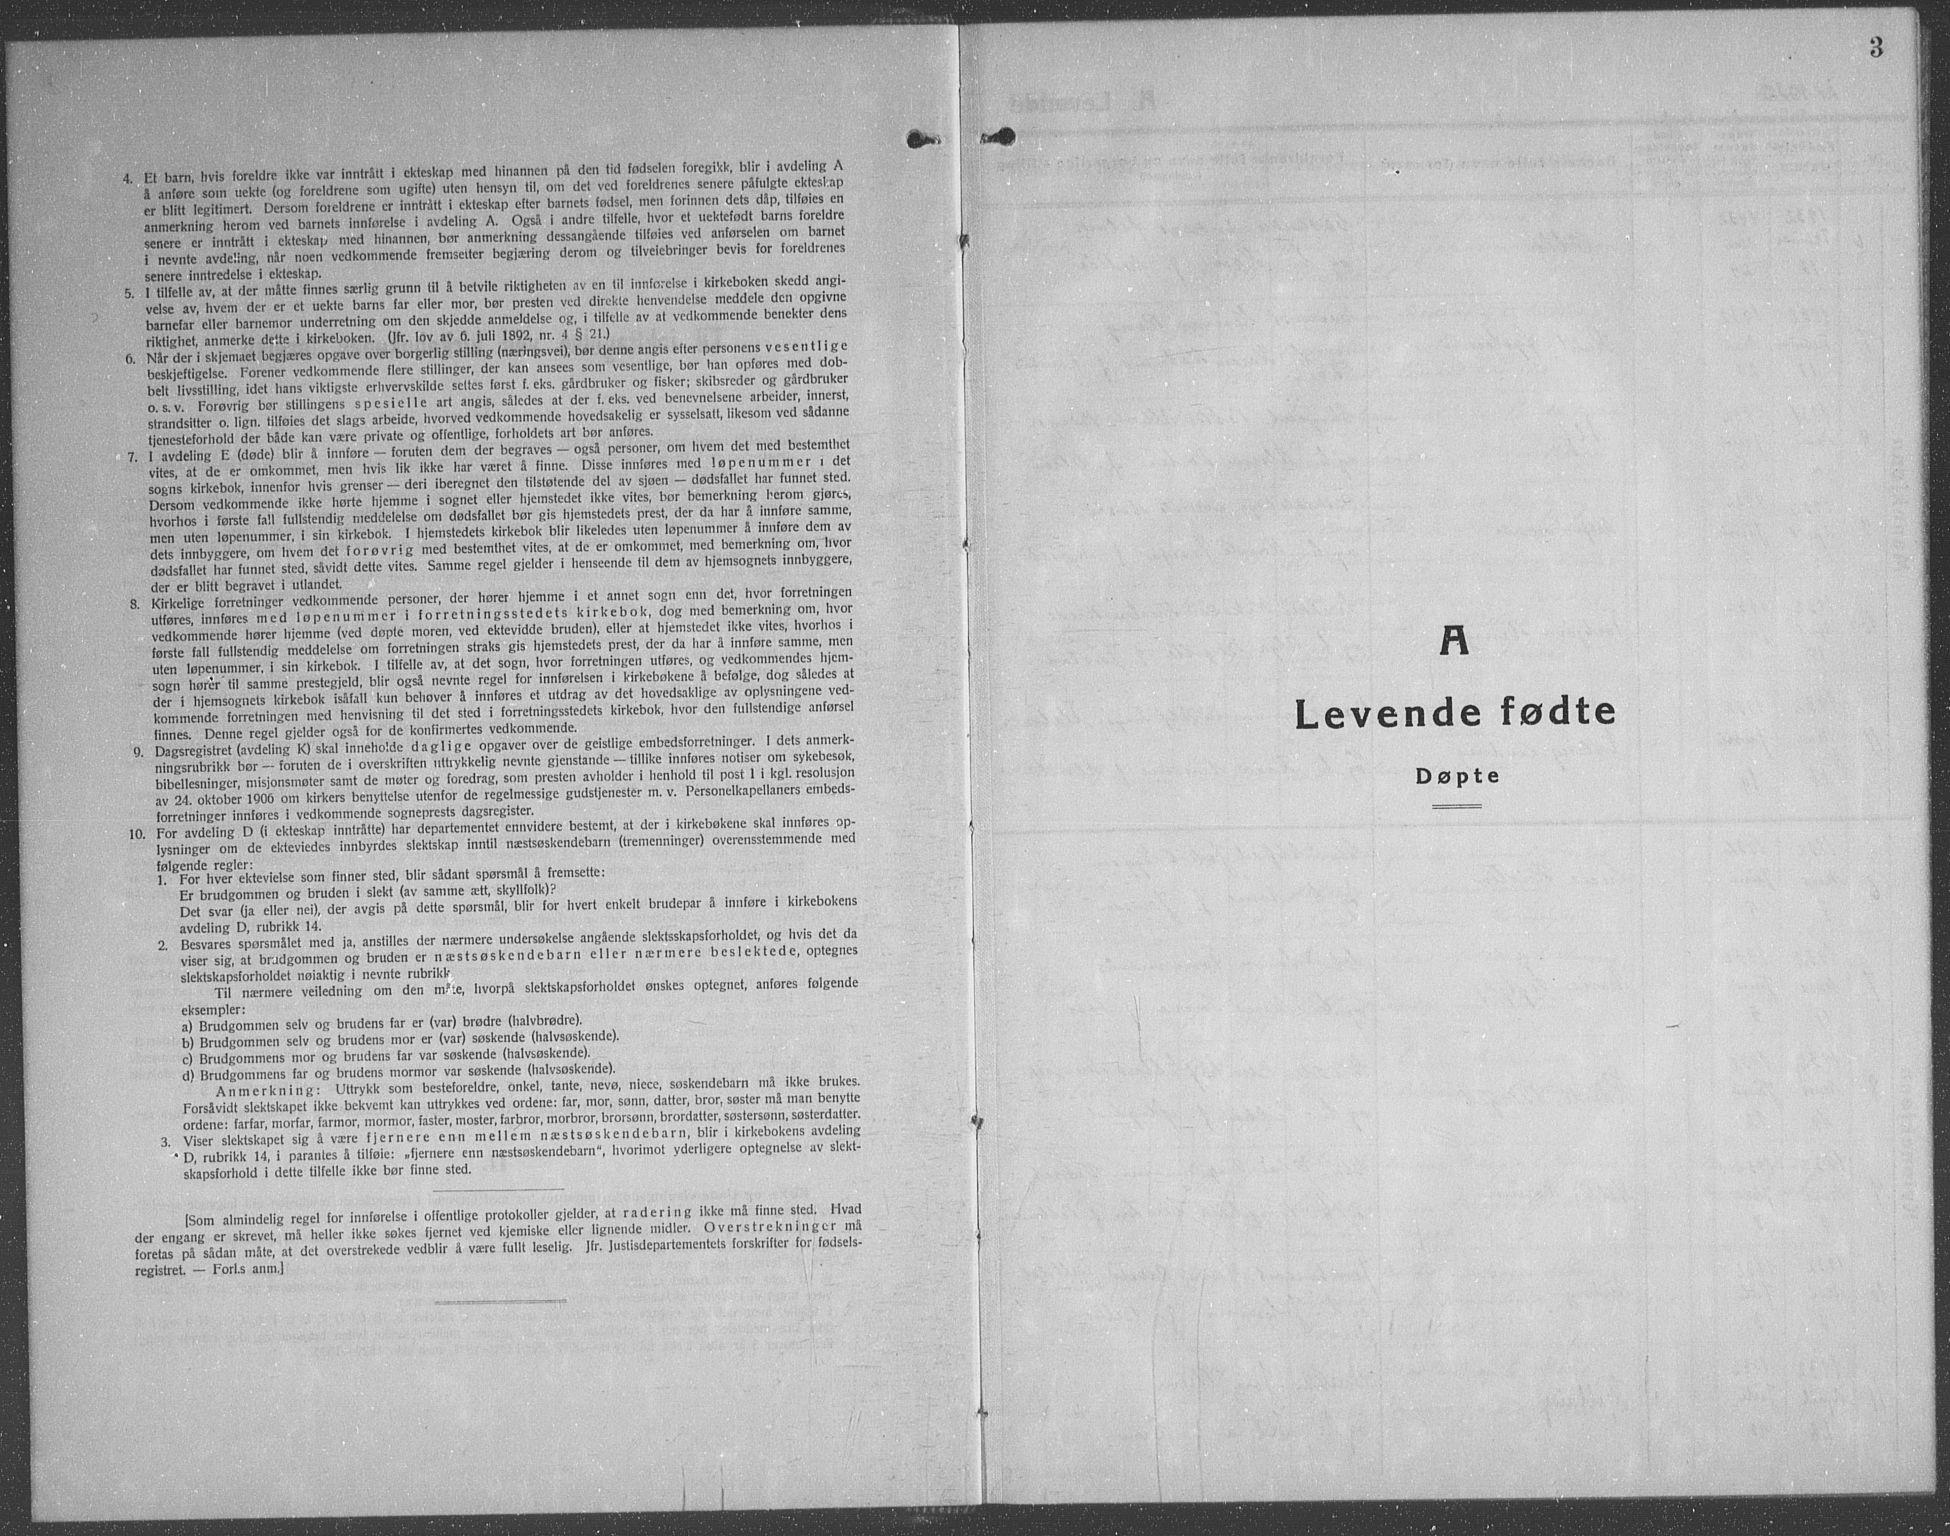 SAT, Ministerialprotokoller, klokkerbøker og fødselsregistre - Nord-Trøndelag, 749/L0481: Klokkerbok nr. 749C03, 1933-1945, s. 3